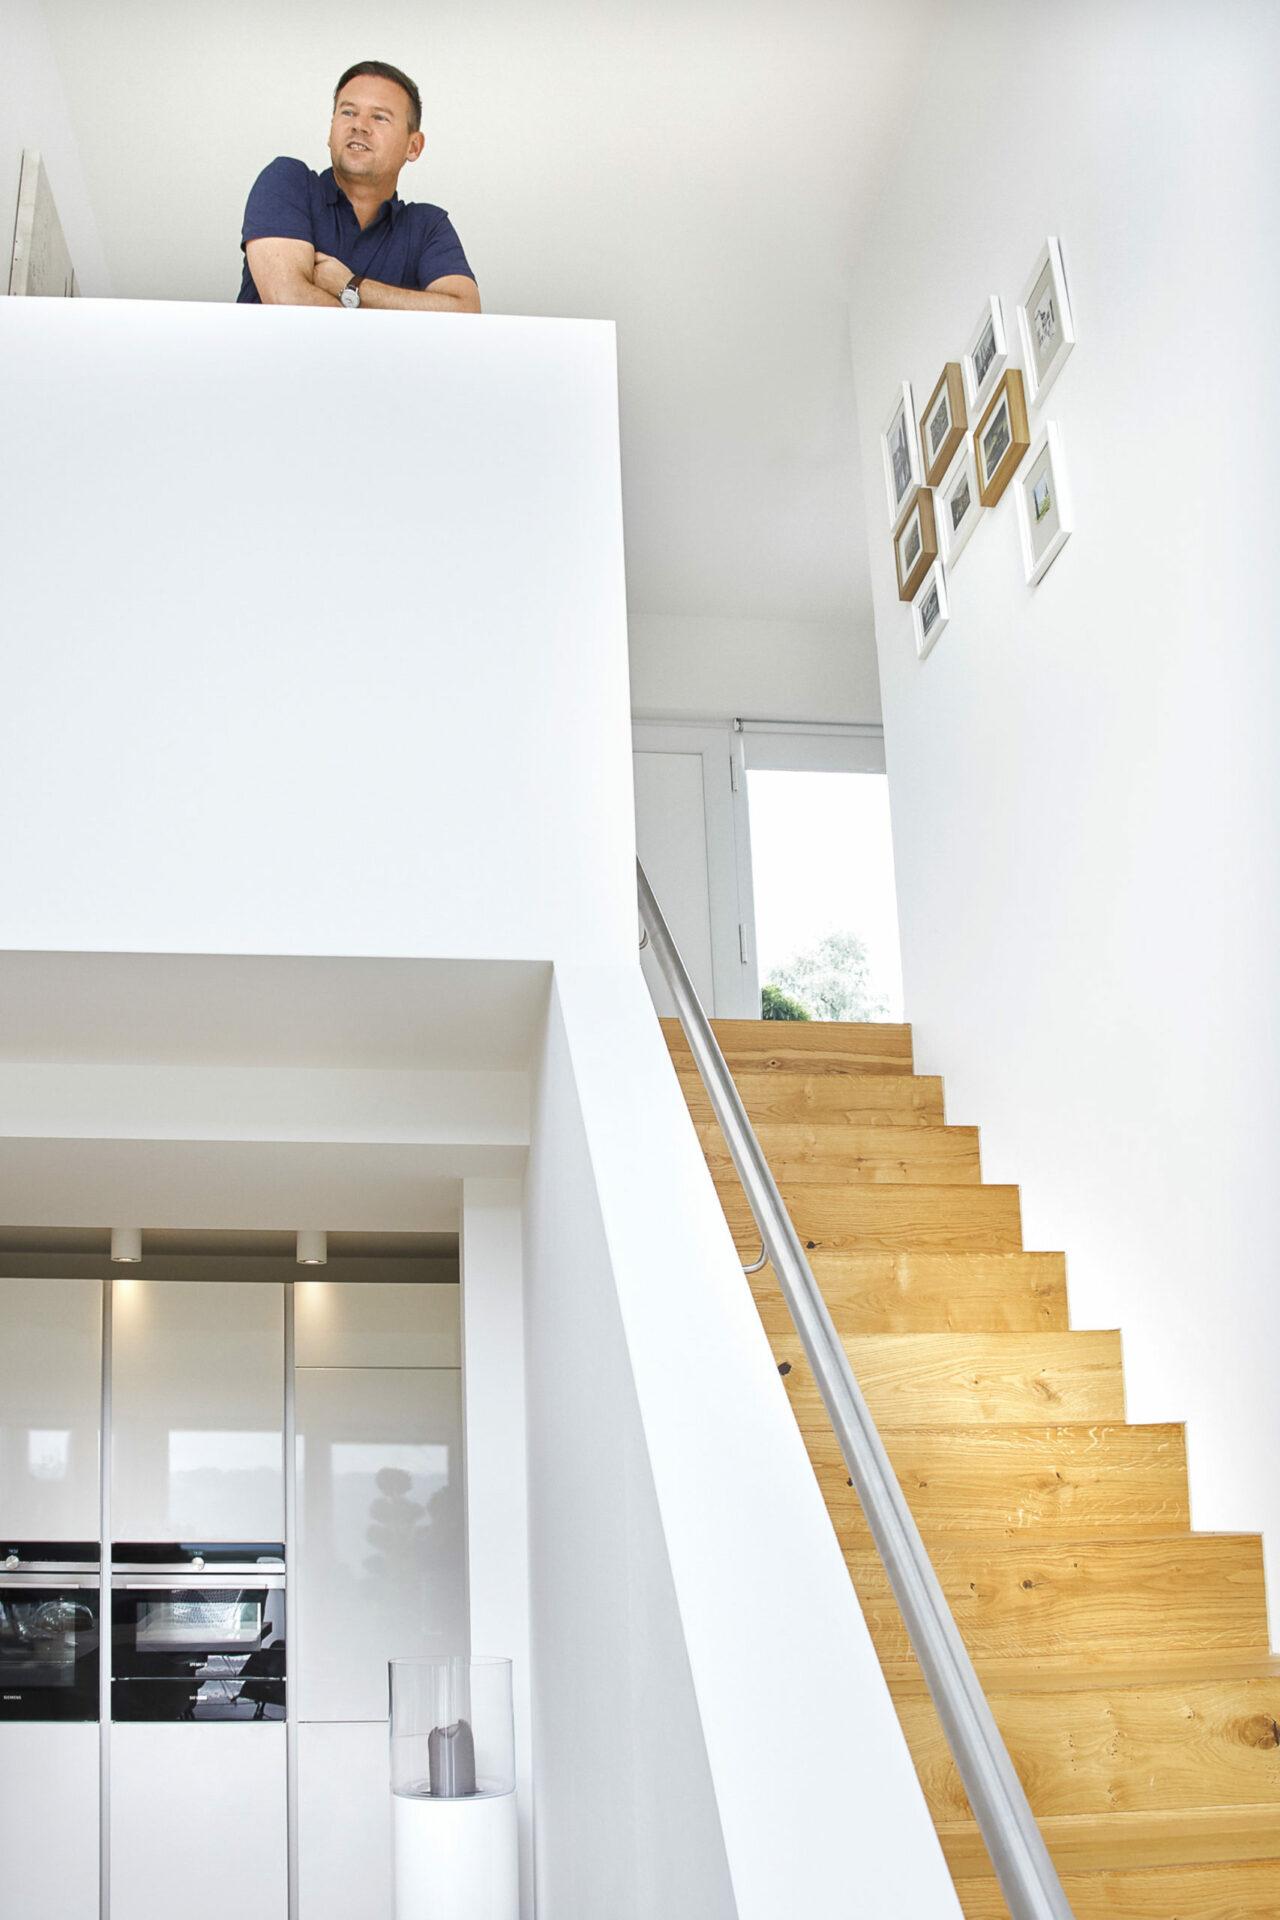 Echtholztreppe in einem Bauhaus